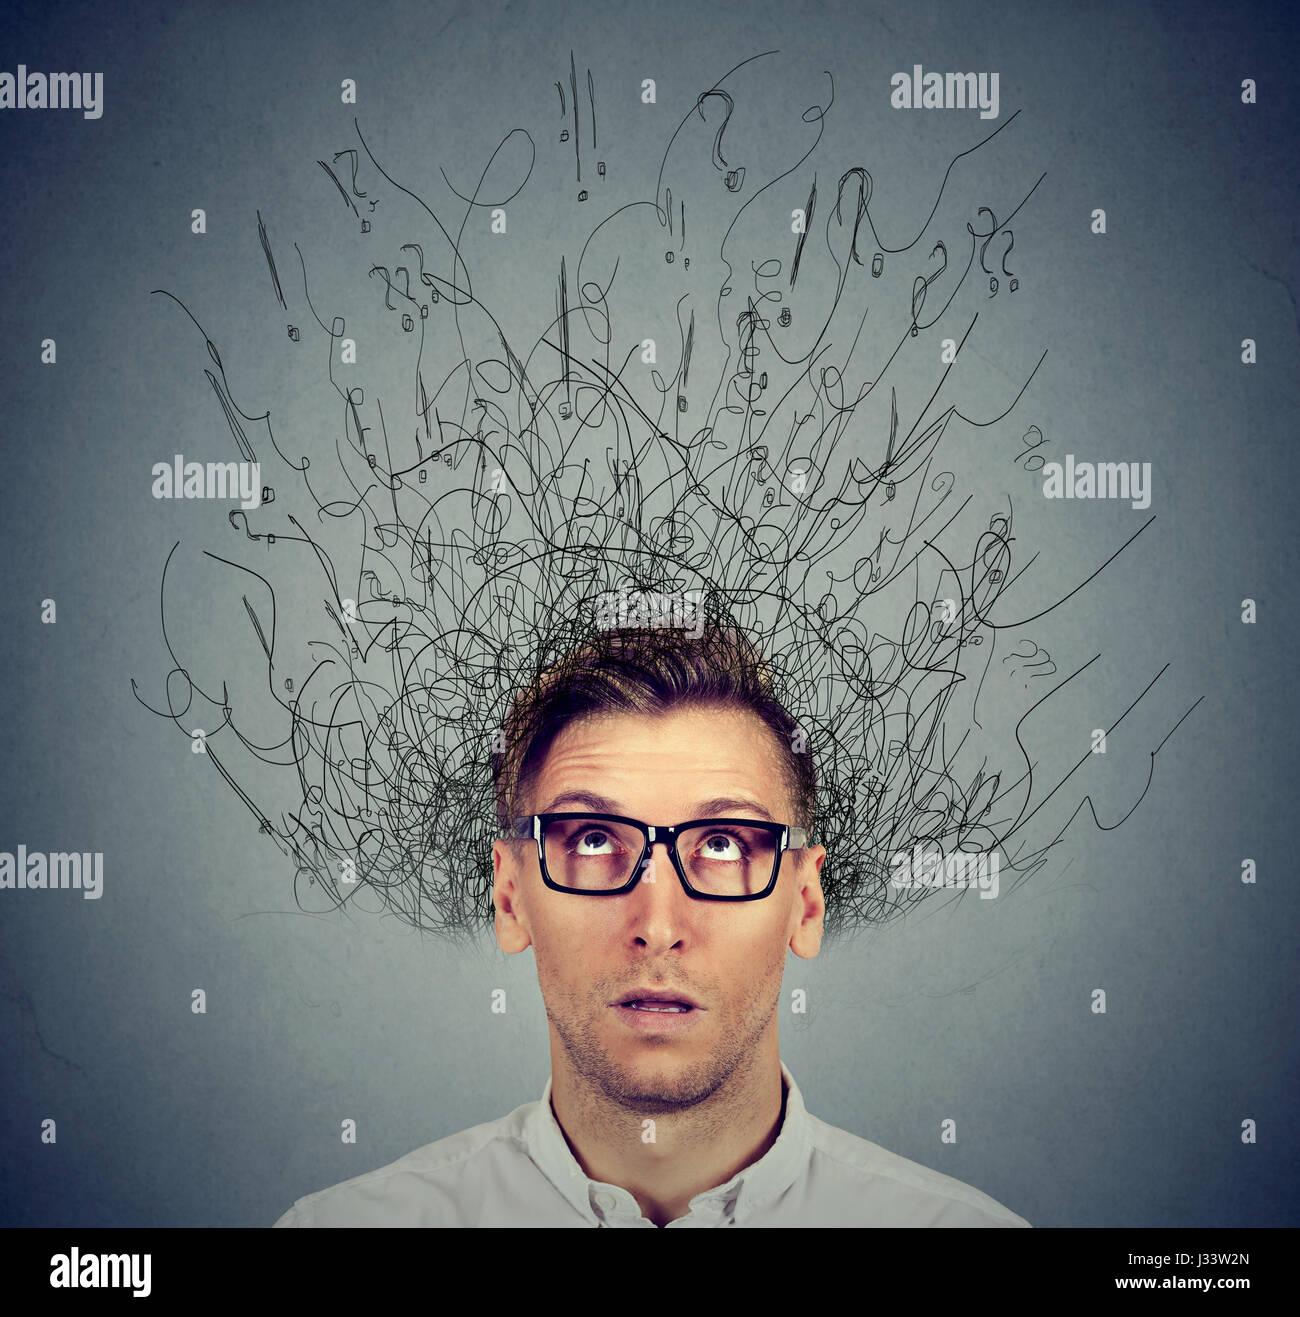 Jeune homme au visage et l'expression inquiète a souligné la fonte du cerveau en lignes d'interrogation. Photo Stock